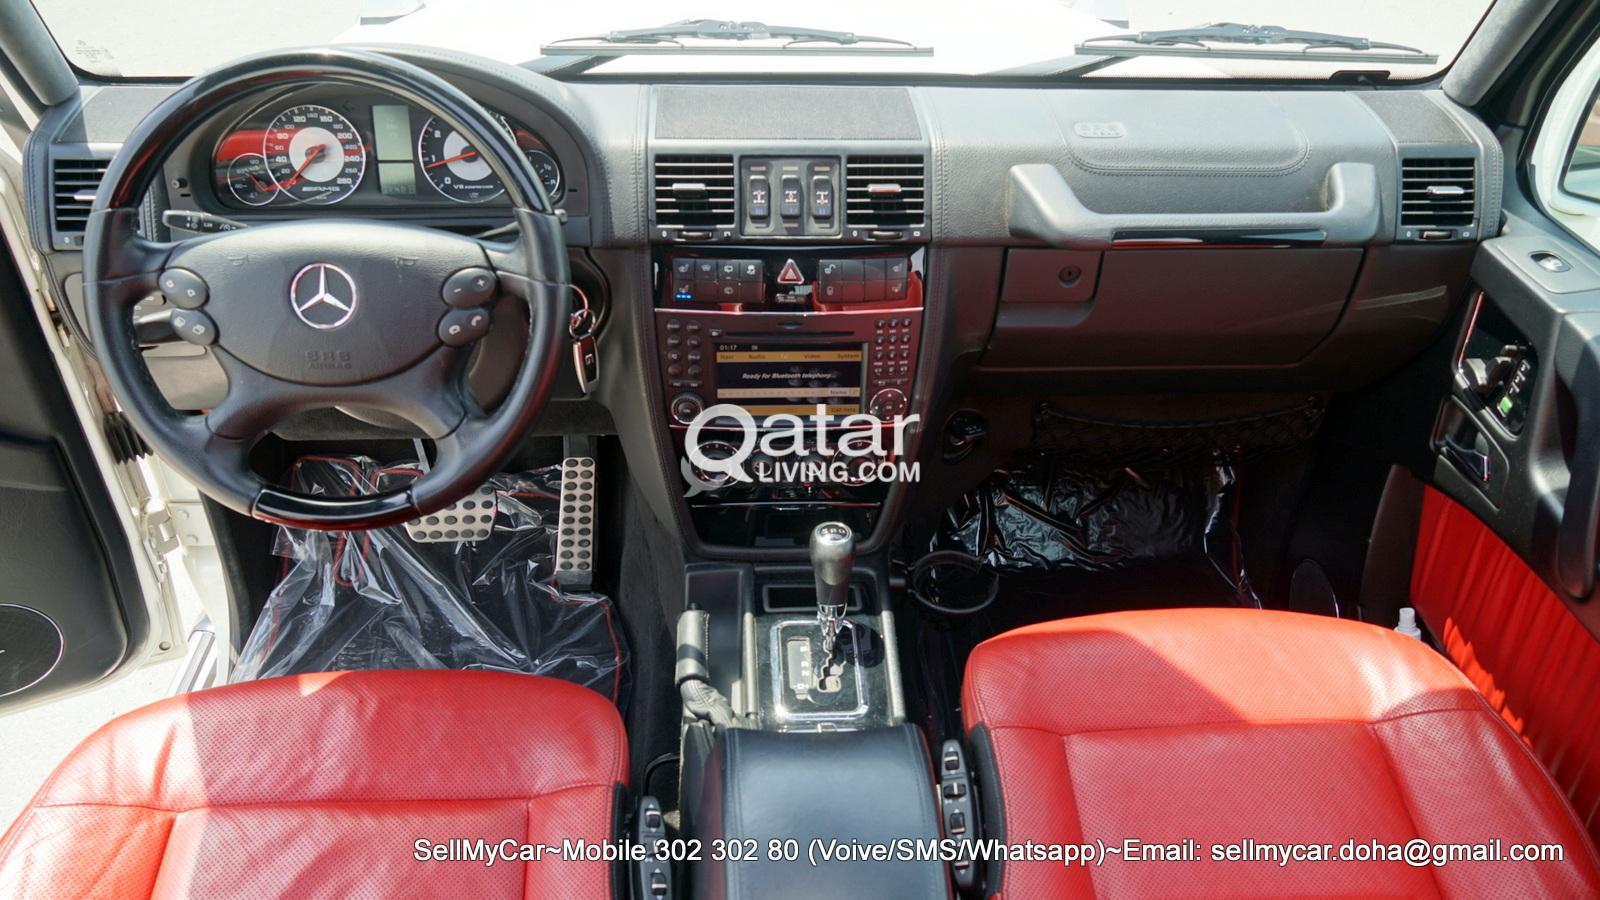 2011 Mercedes Benz G55 AMG Designo (More Photos Av